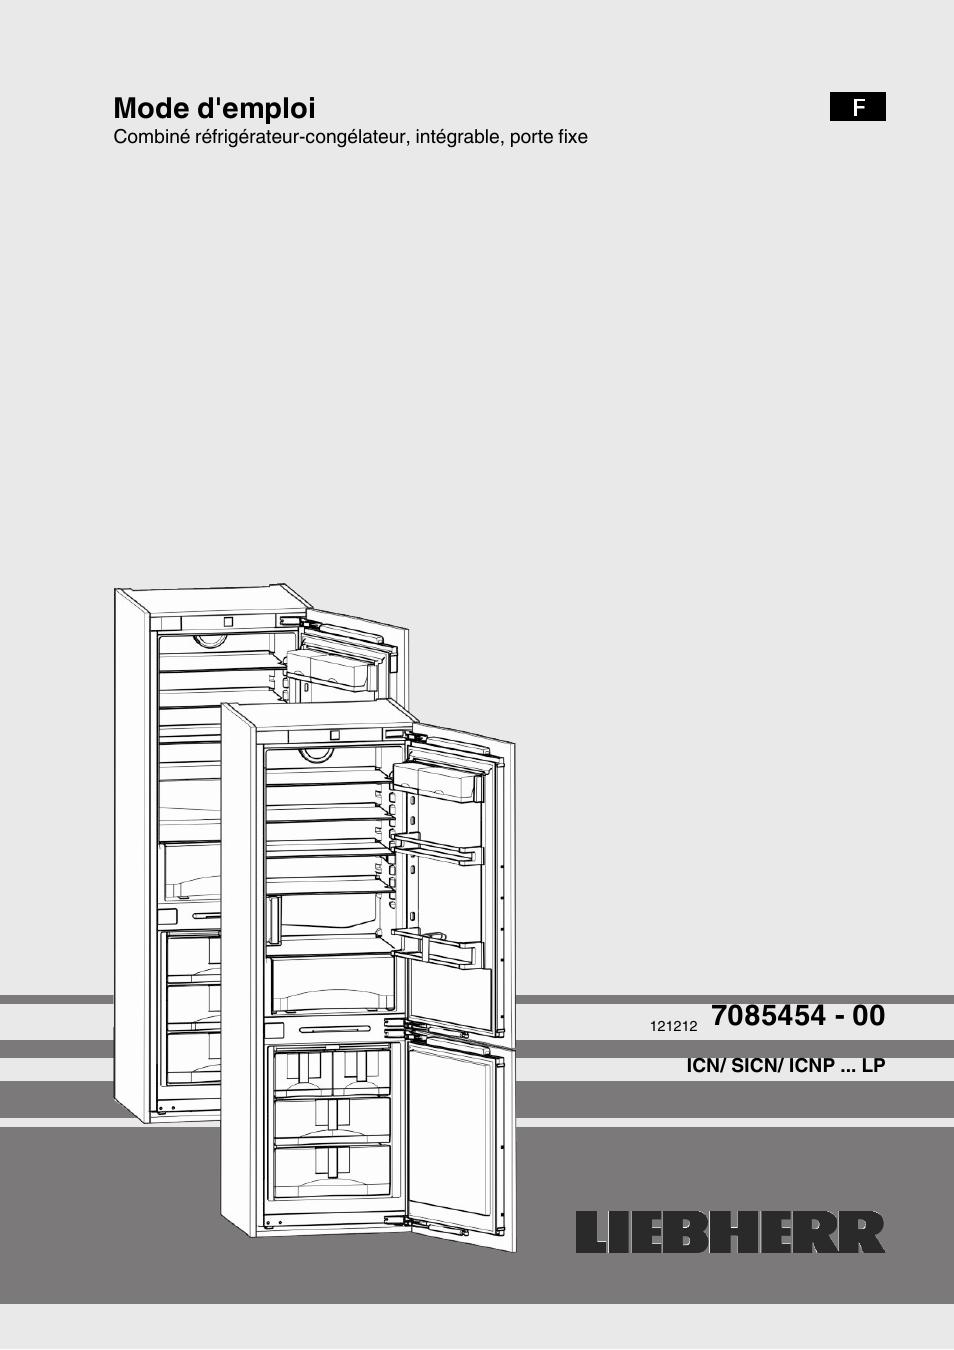 liebherr icn 3366 premium nofrost manuel d 39 utilisation pages 14. Black Bedroom Furniture Sets. Home Design Ideas